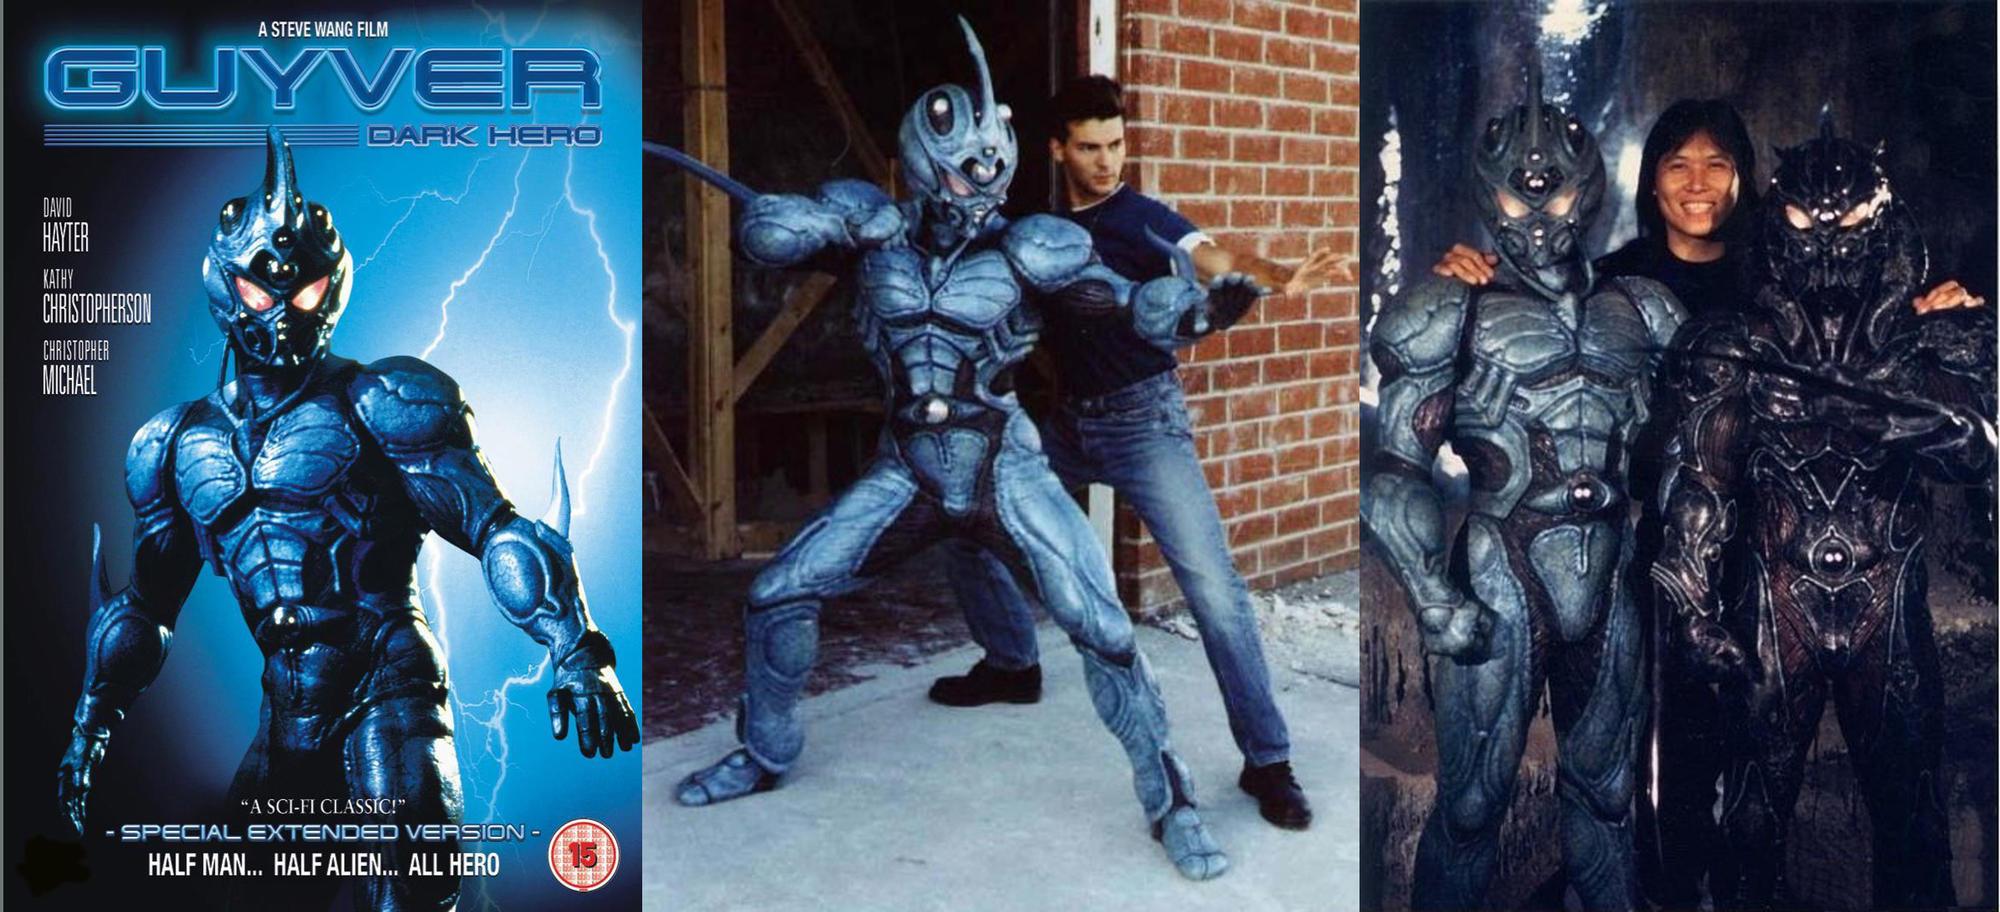 《强殖装甲凯普 真人电影》,也是Steve Wang导演的作品,片中的凯普戏服也是出自他之手。